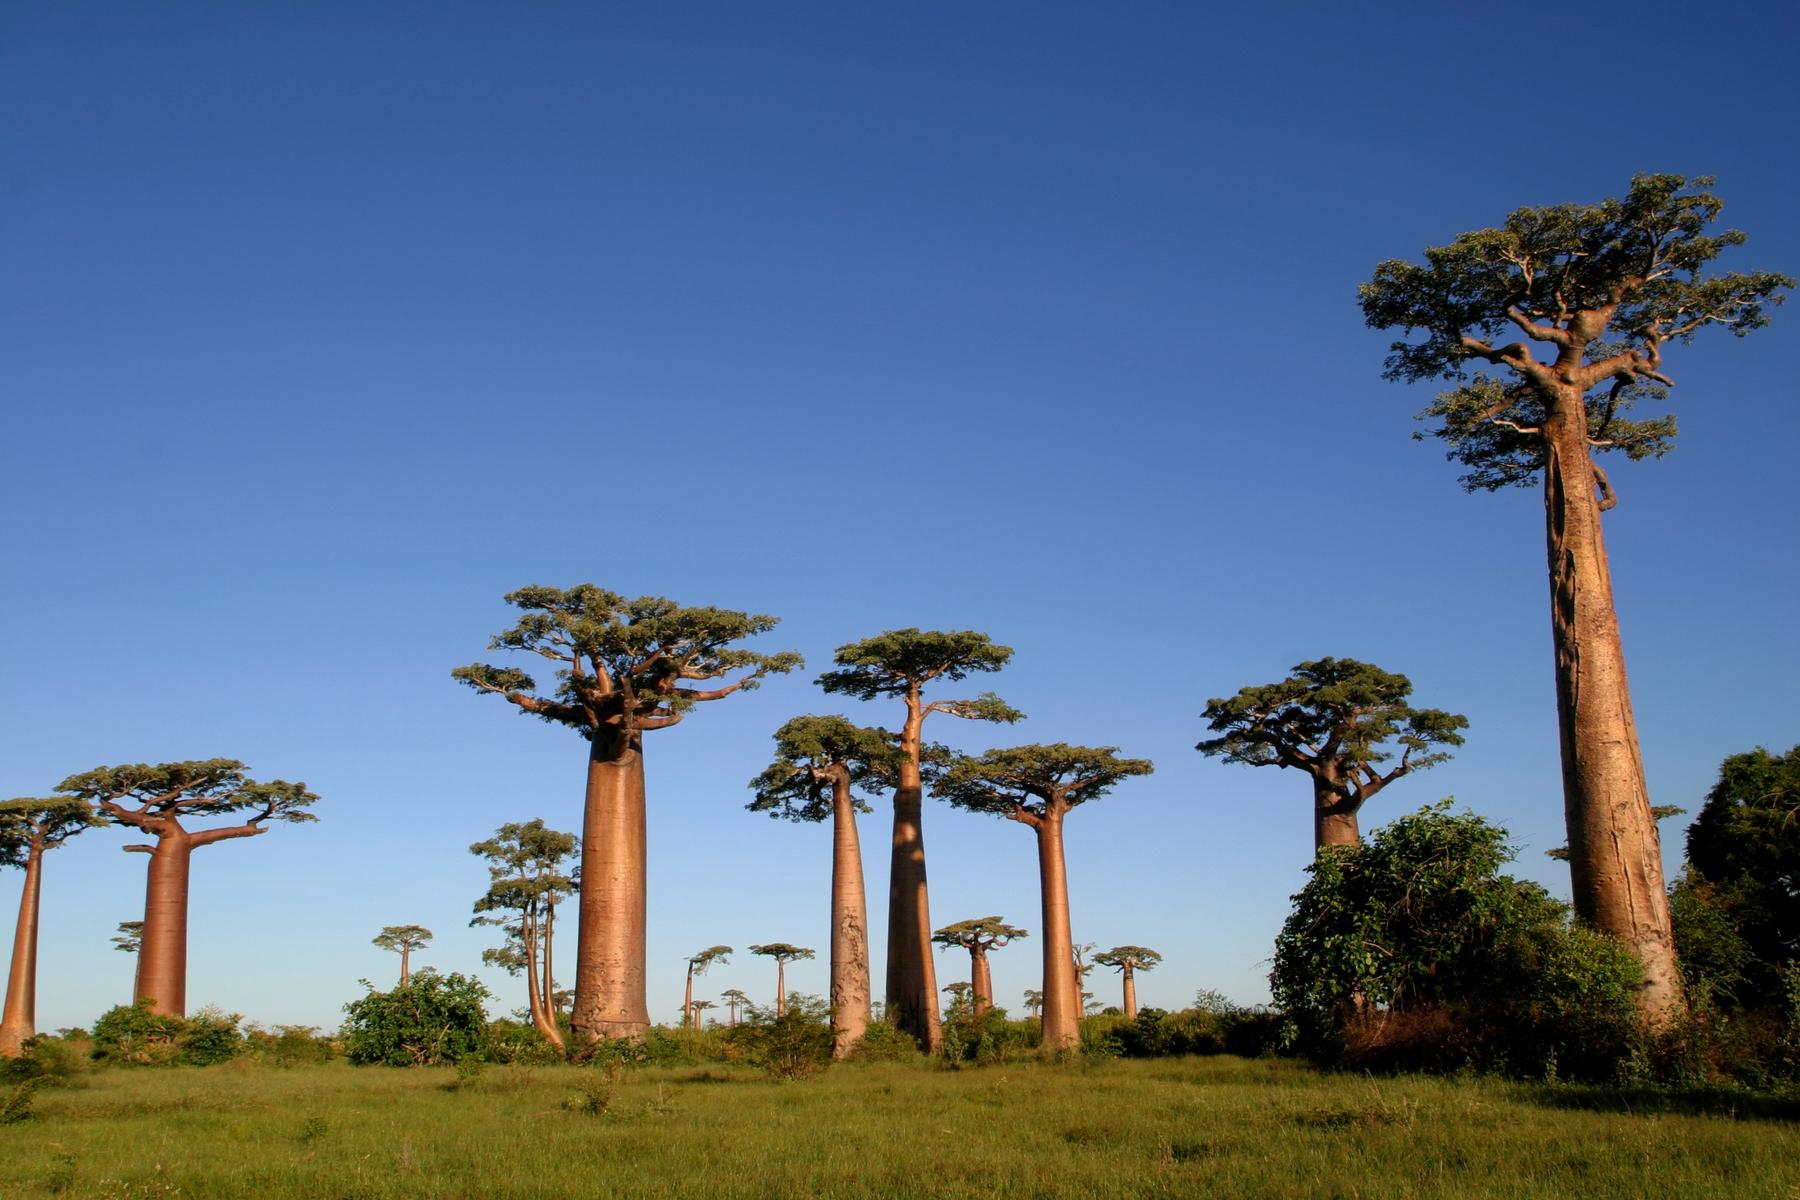 El bosque de baobabs es una de las sorpresas de Tulear, en el sur de Madagascar